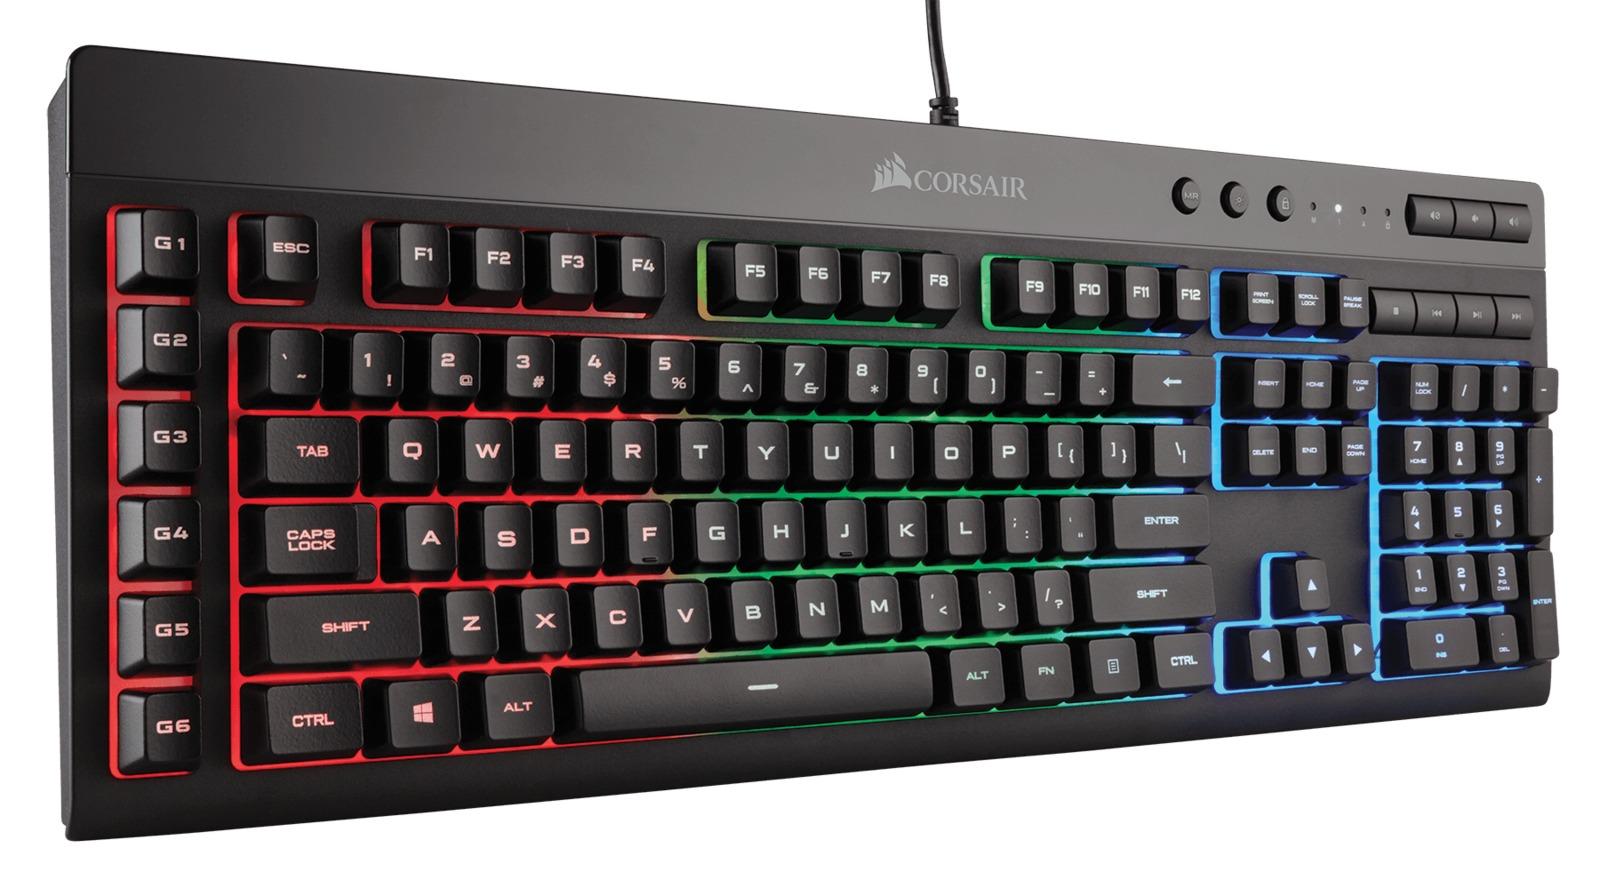 Corsair K55 RGB Gaming Keyboard for PC Games image